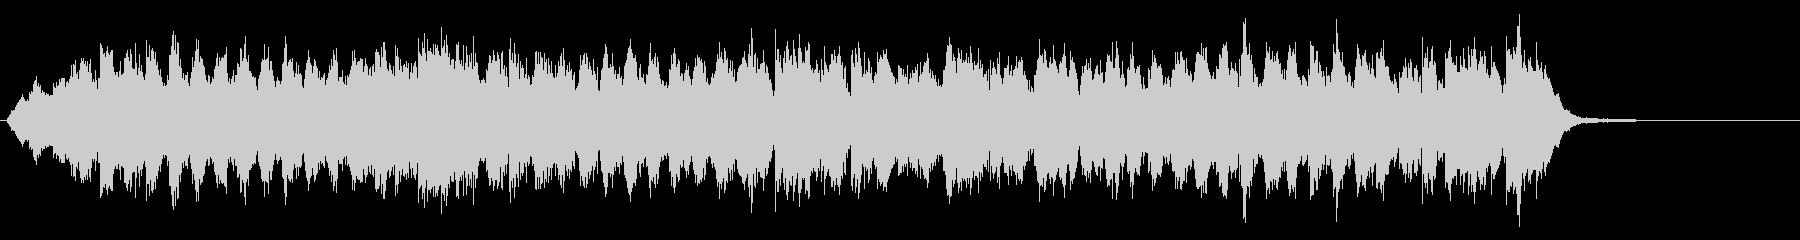 ベートーヴェン第九「歓喜の歌」インスト2の未再生の波形